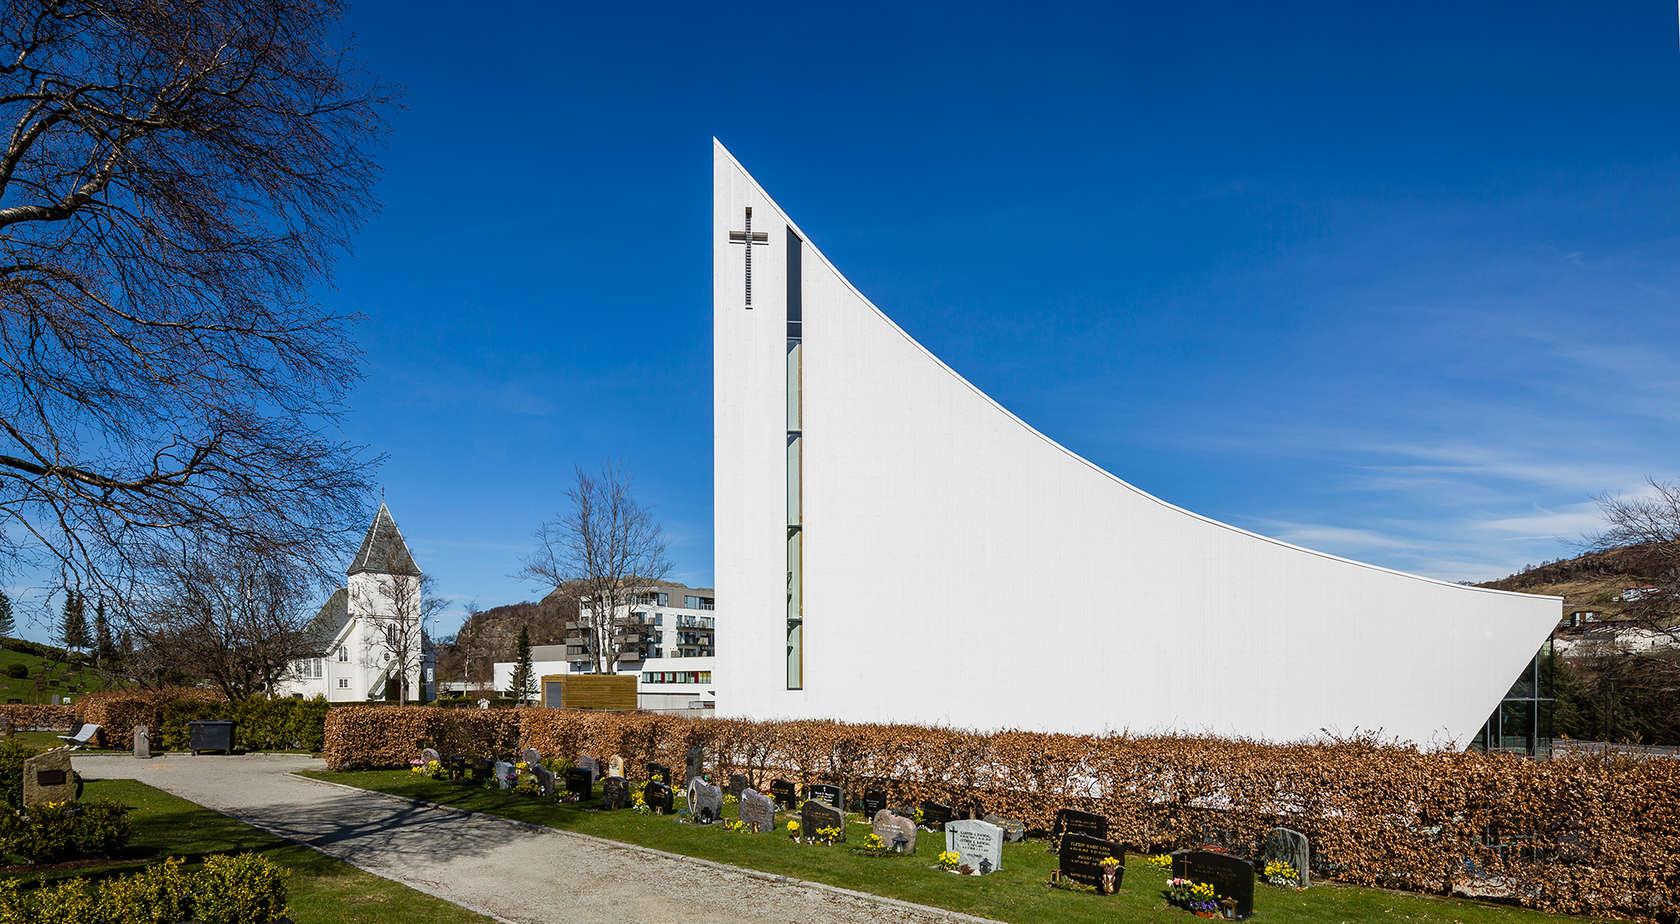 197 Lg 229 Rd Church Architizer